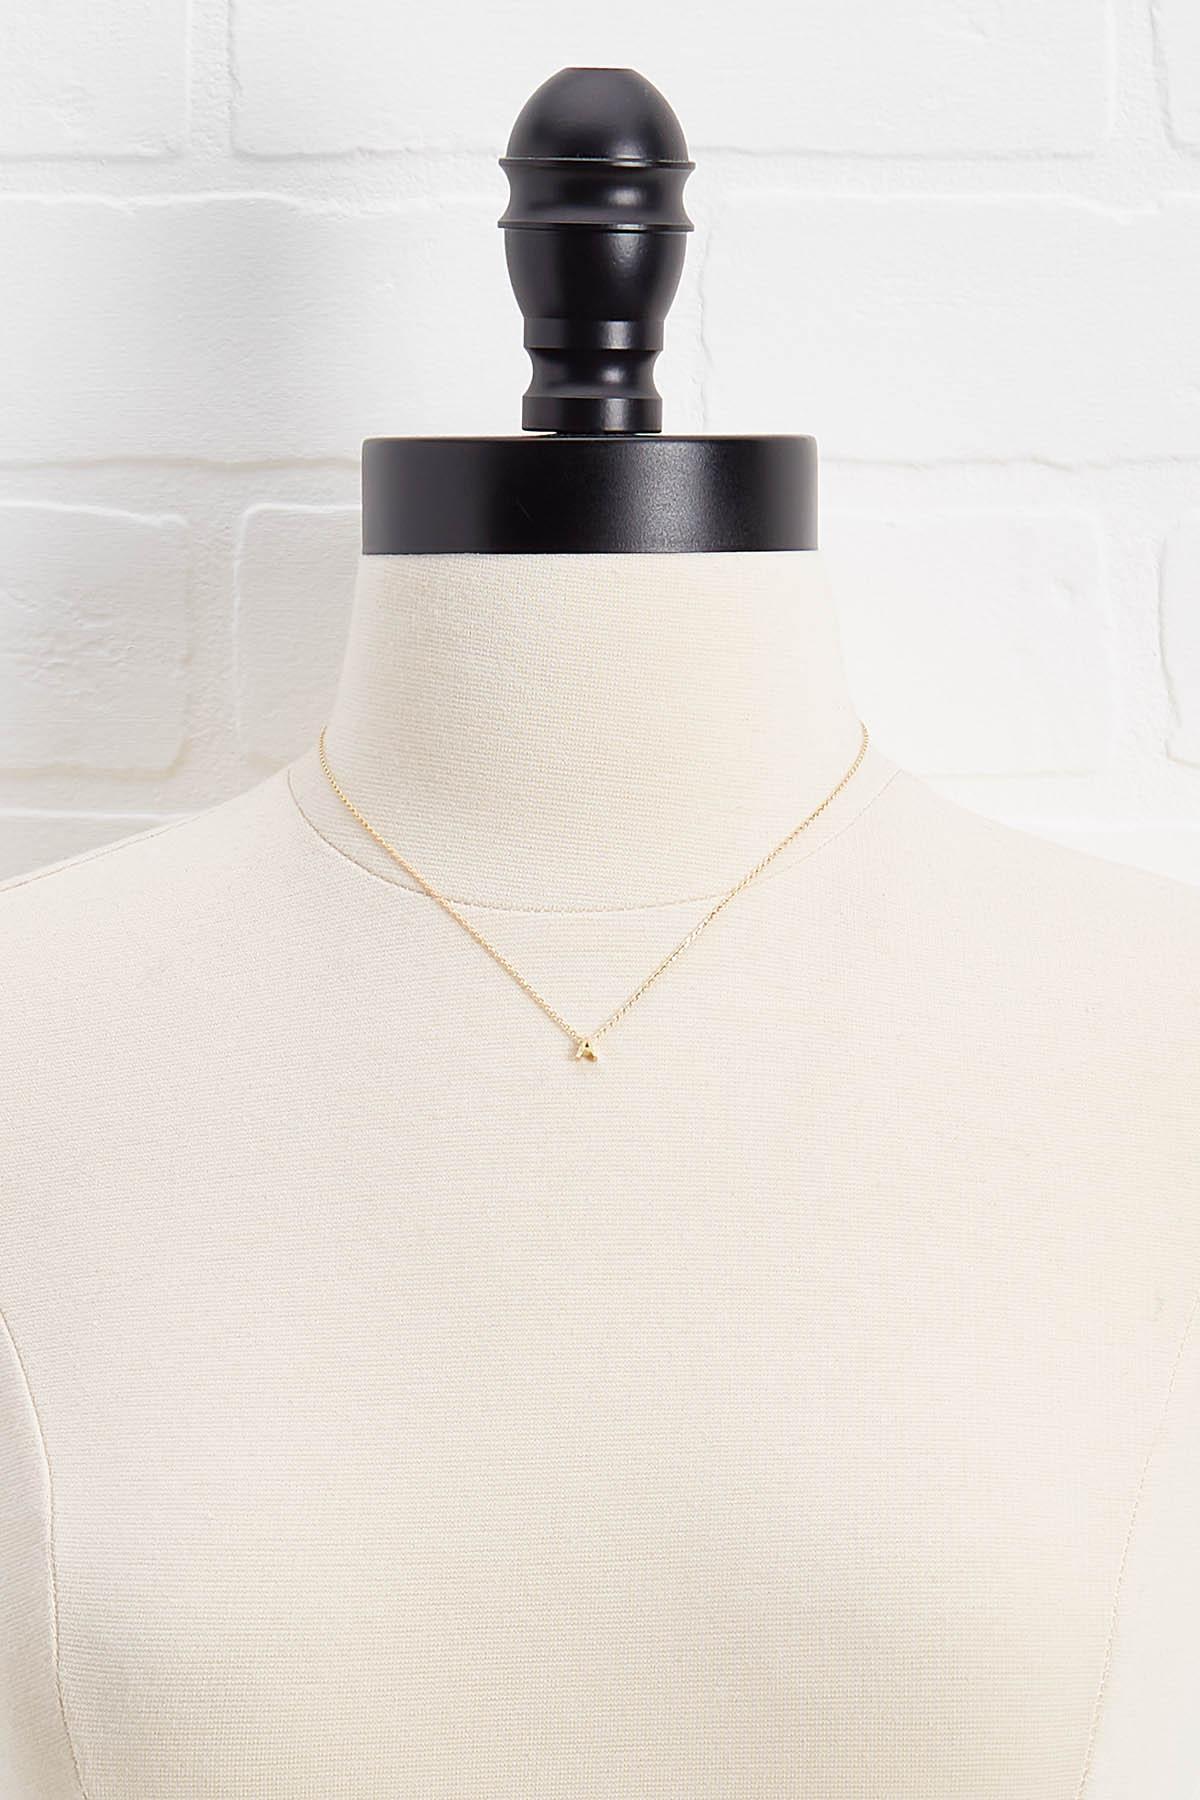 18k Tiny A Necklace